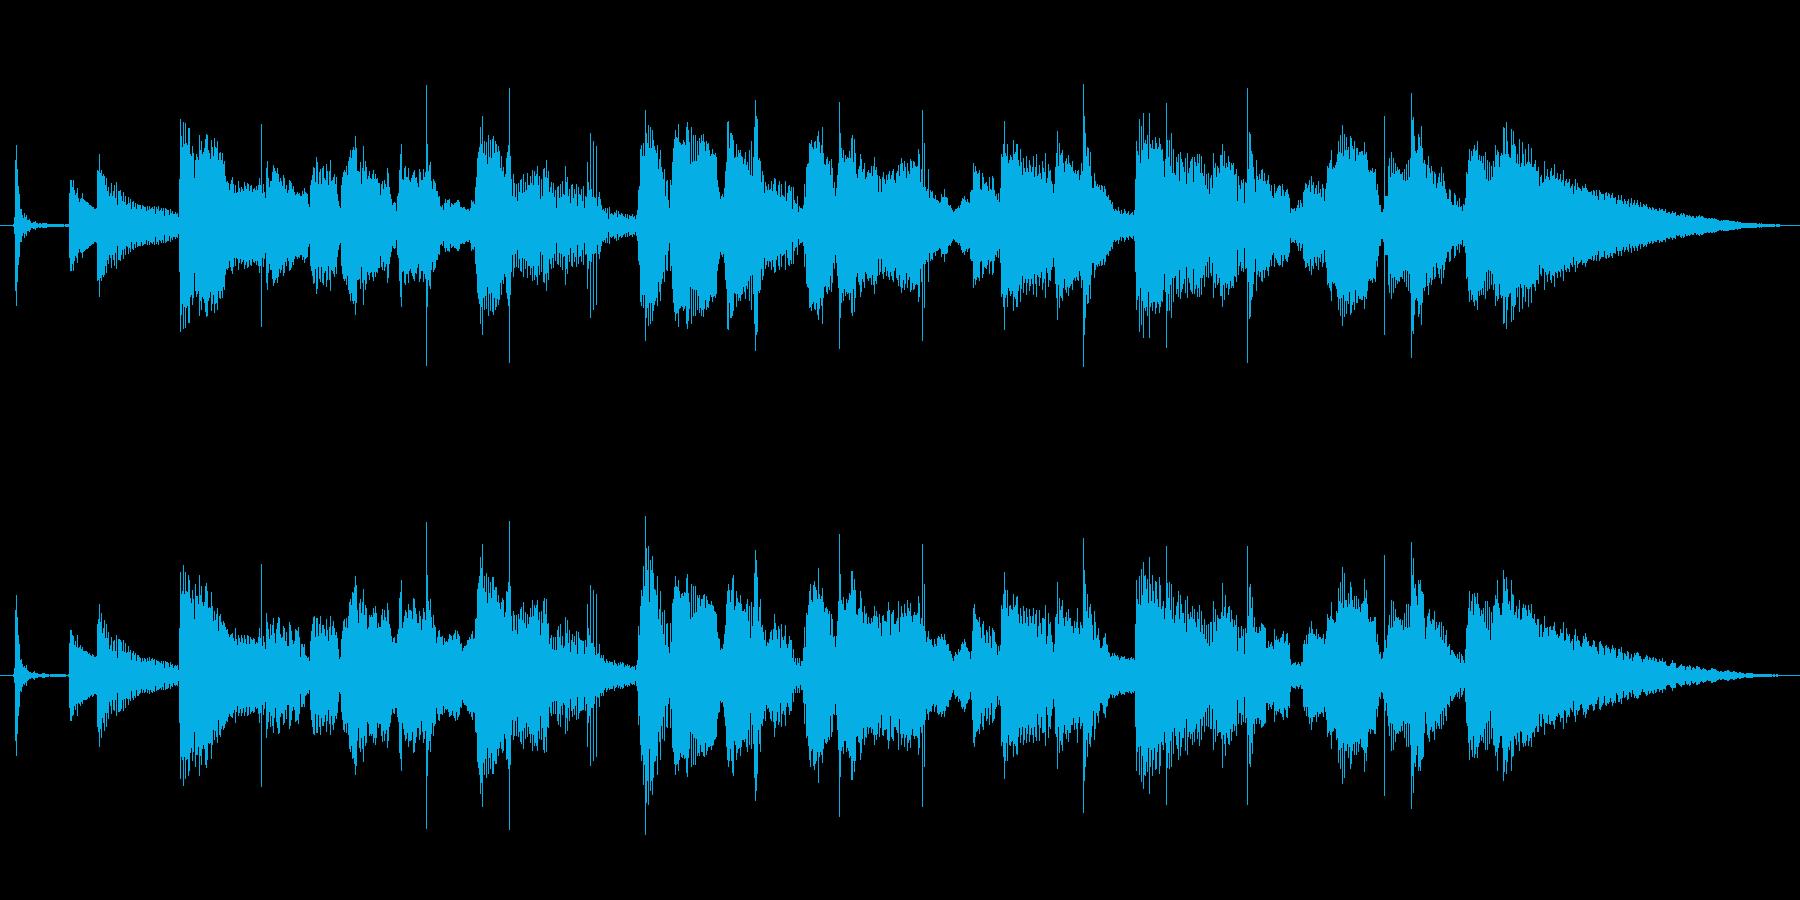 ほのぼの可愛い口笛ギターポップ/10秒の再生済みの波形